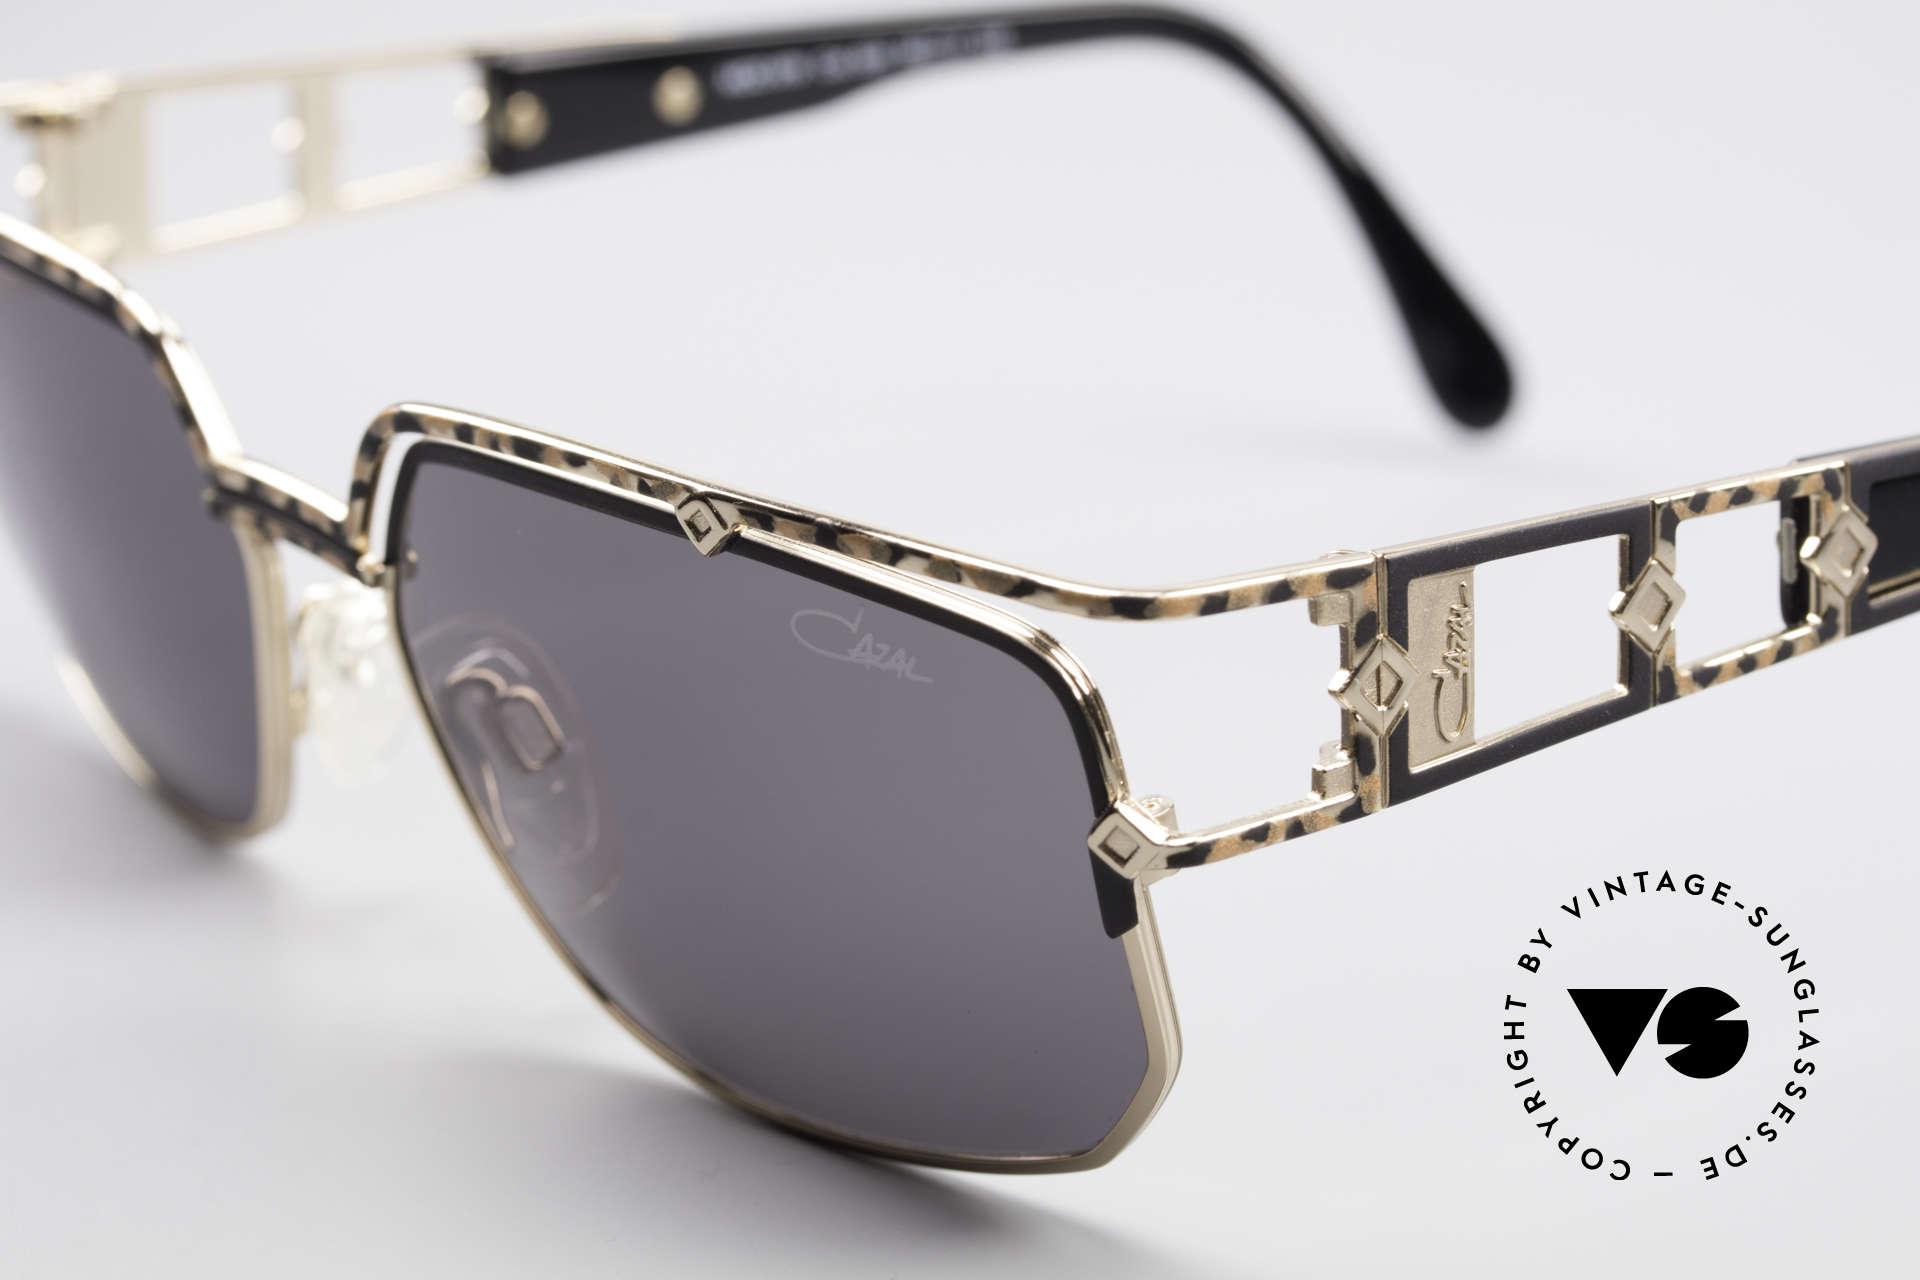 Cazal 979 Vintage Damen Sonnenbrille, heutzutage nur noch sehr selten zu finden; RARITÄT!, Passend für Damen